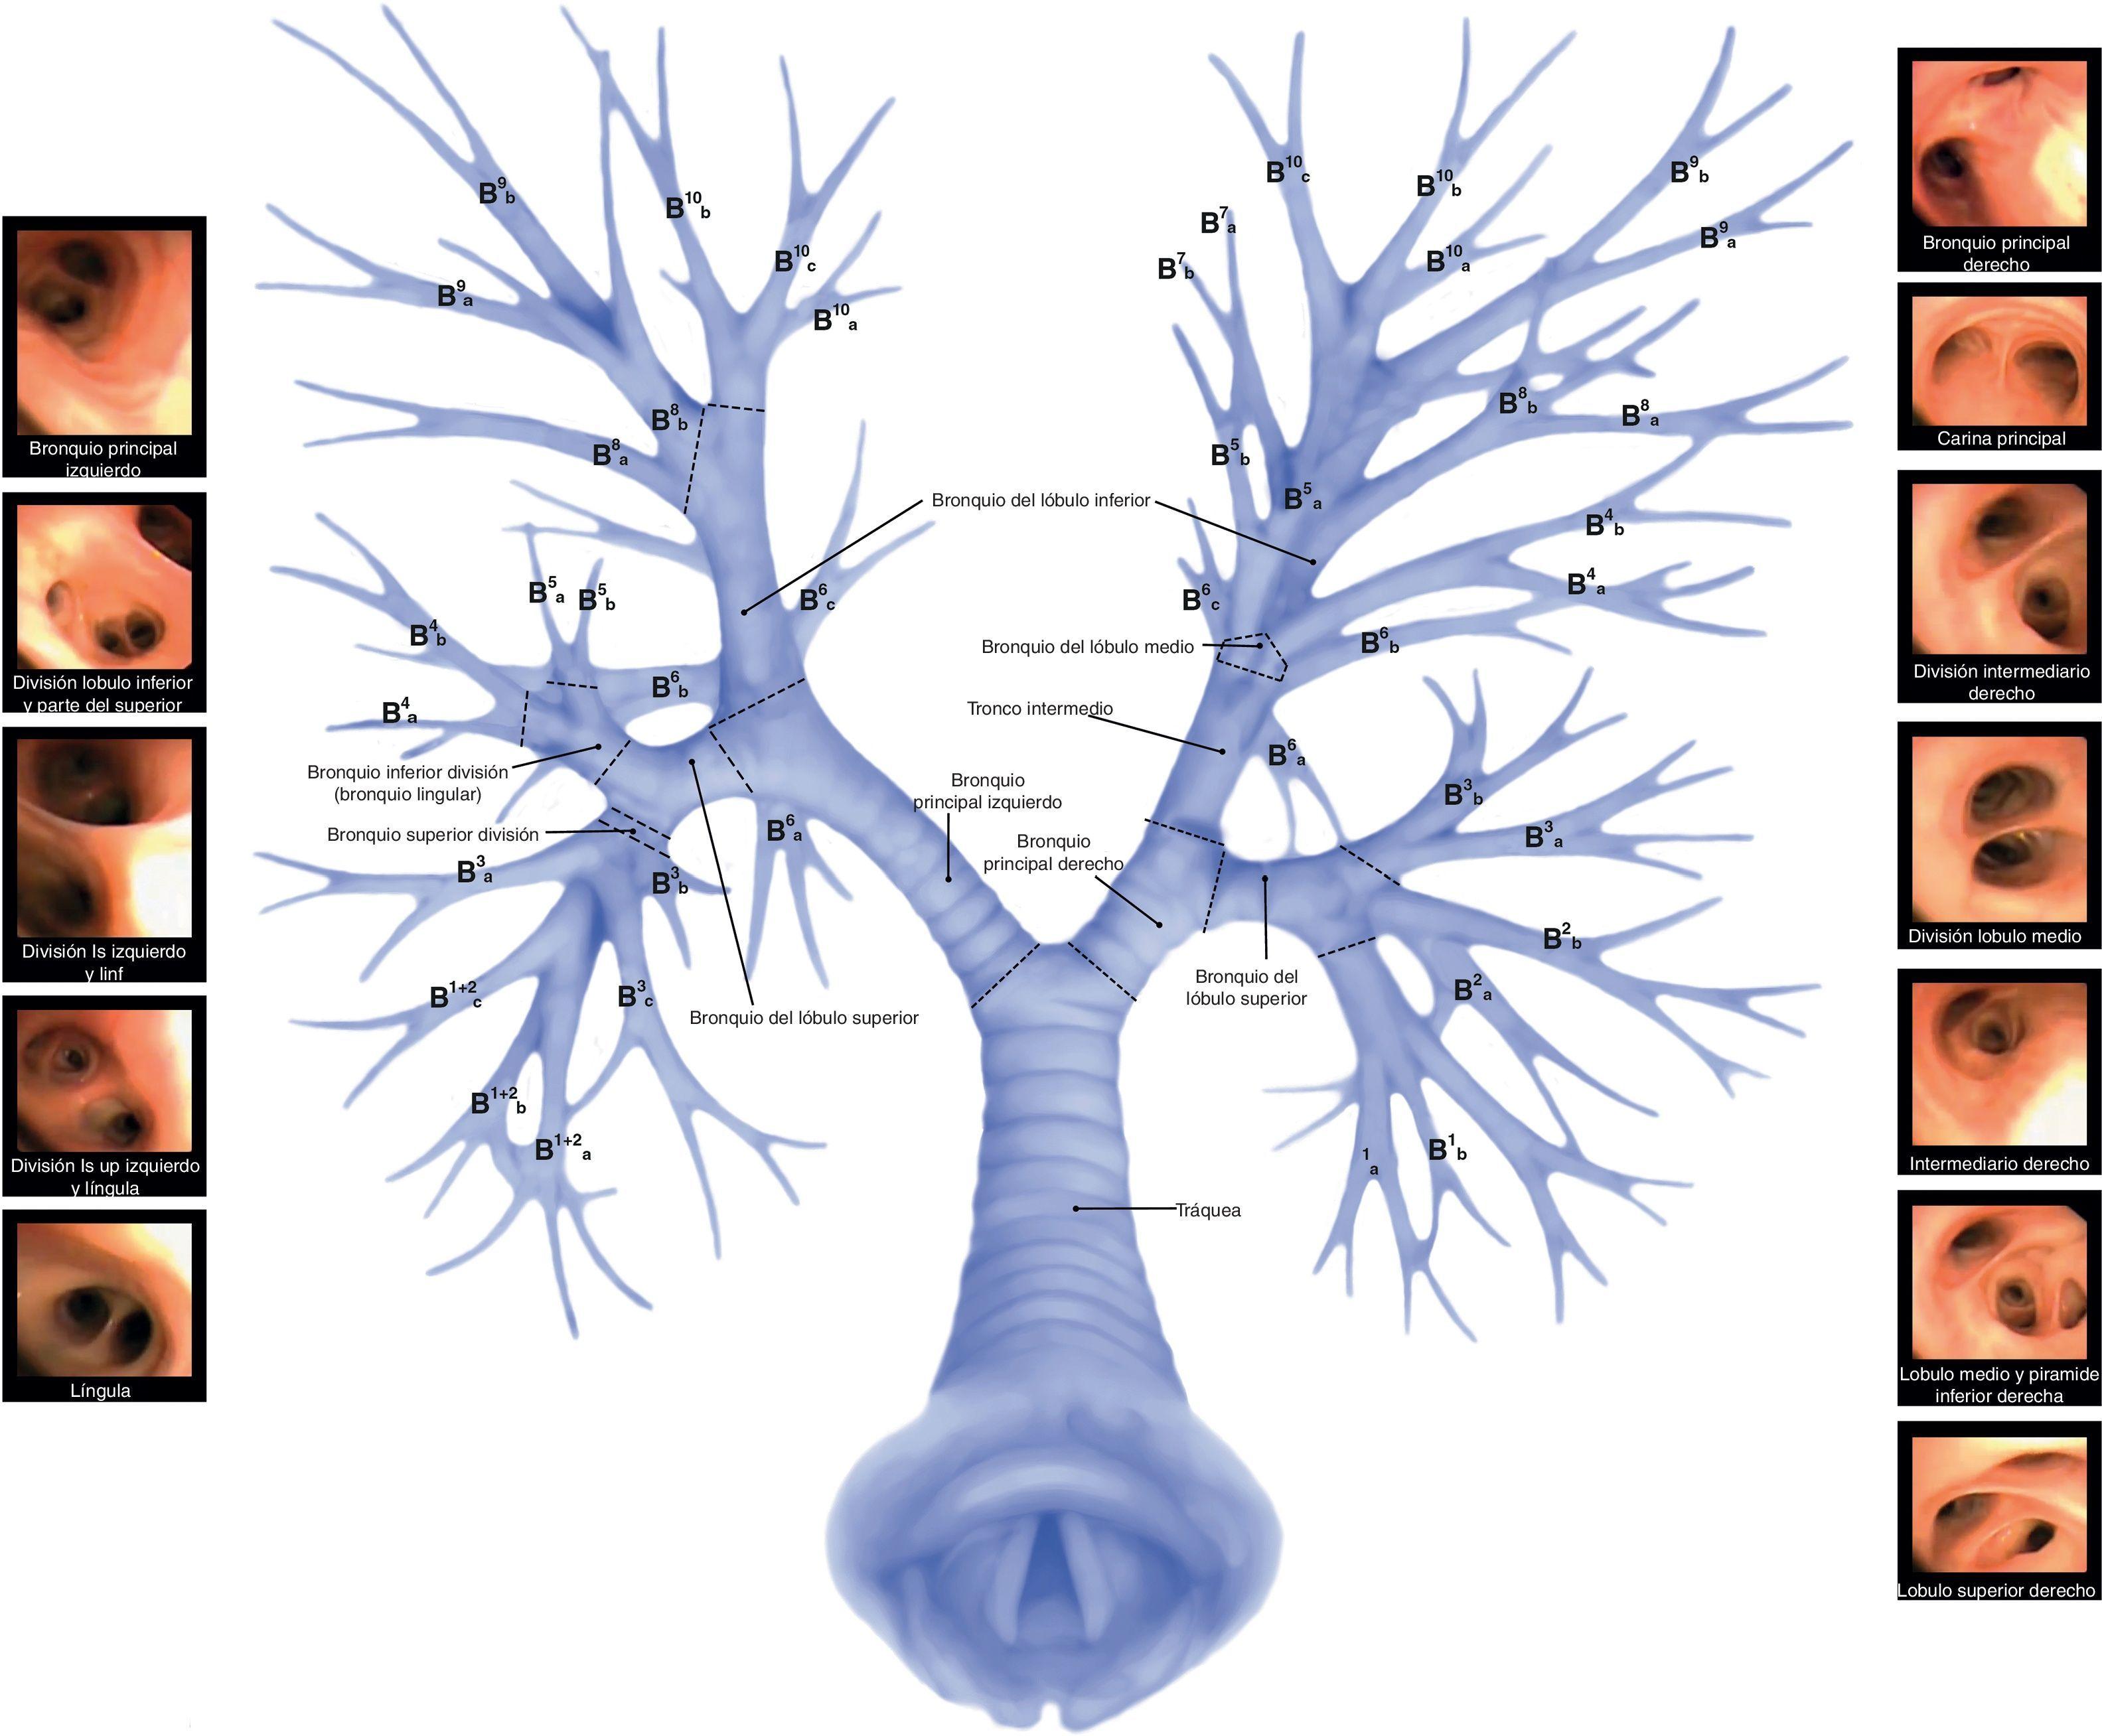 Fantástico Anatomía De La Vía Aérea Foto - Imágenes de Anatomía ...